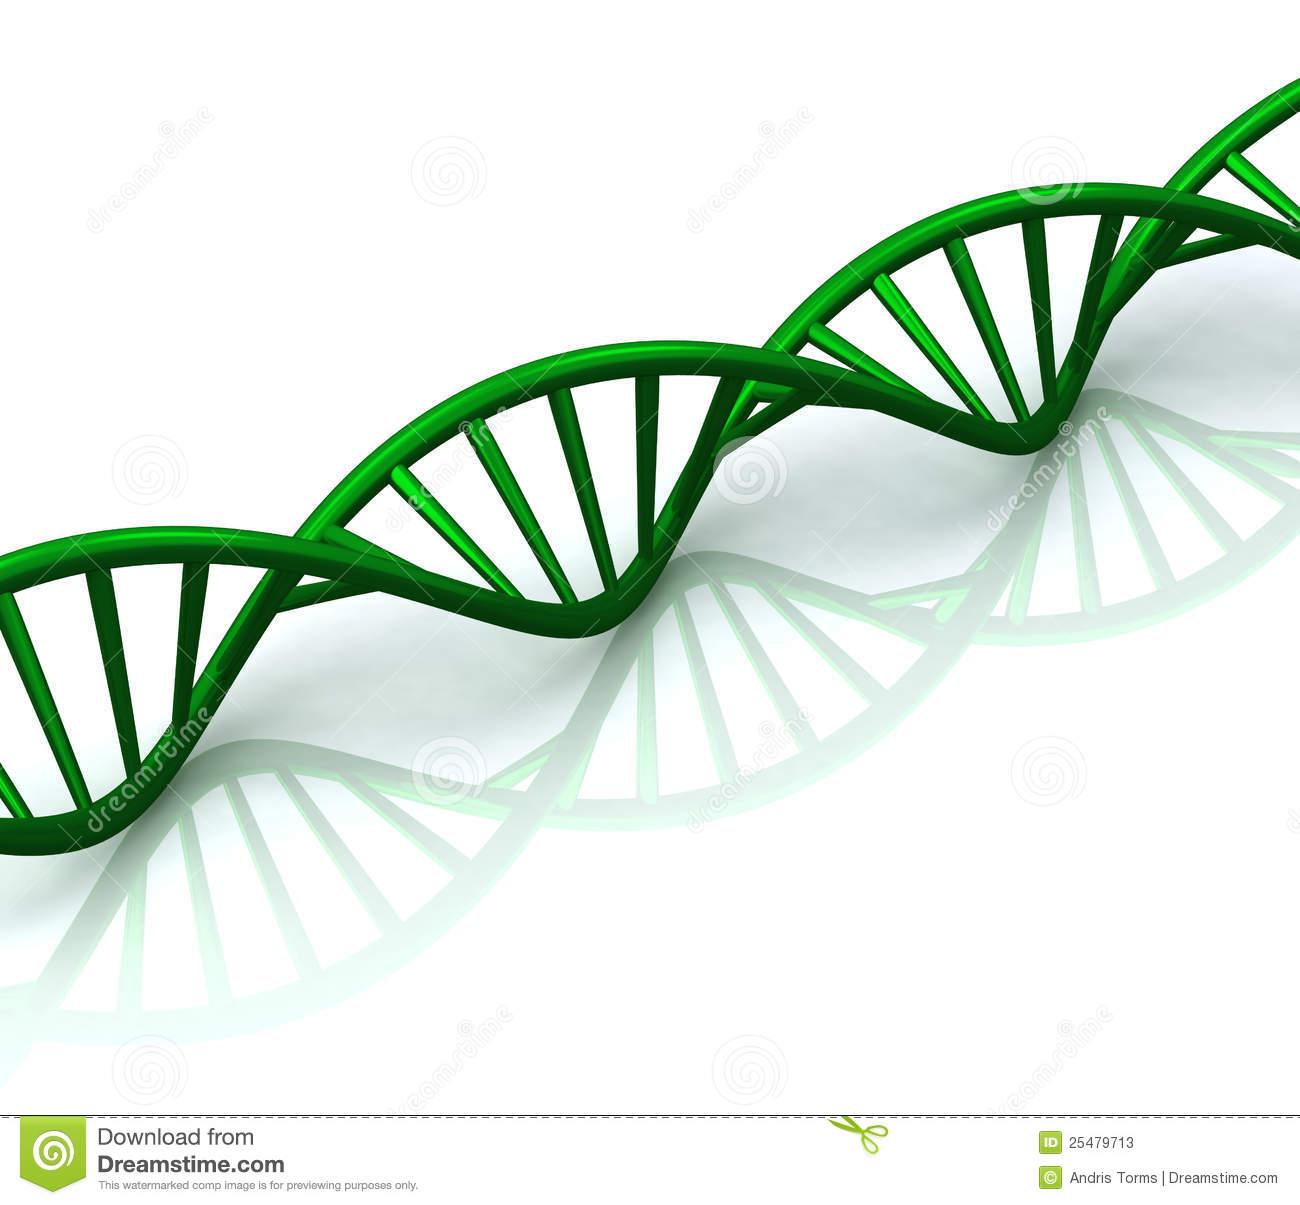 Dna Model Wallpaper: 3D DNA Wallpaper